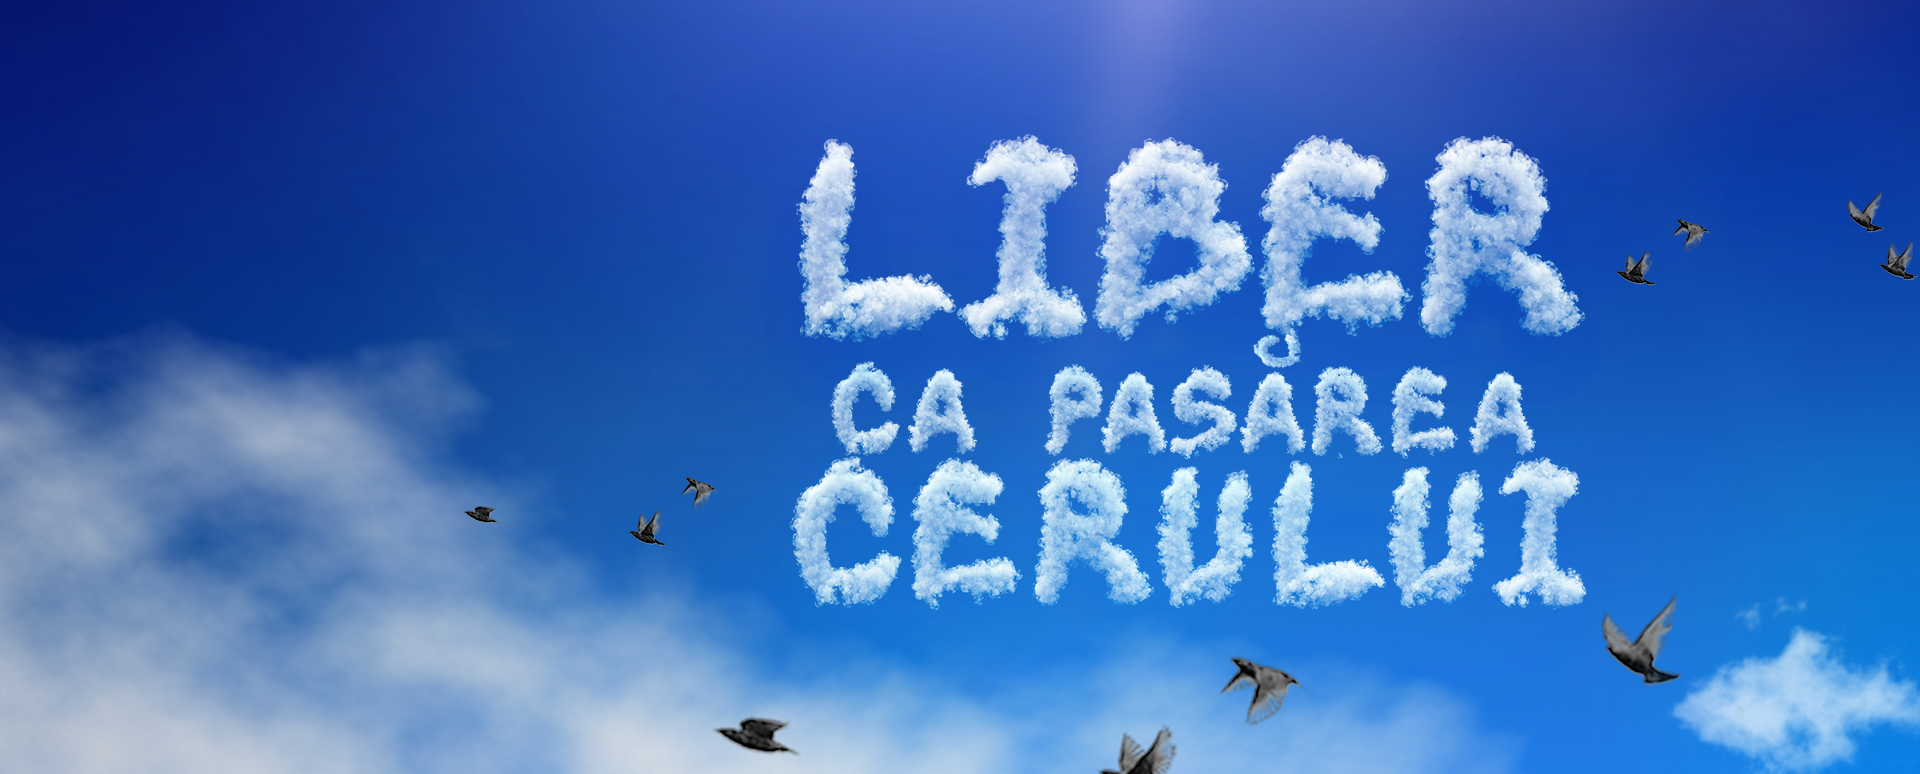 Liber ca pasarea cerului serial